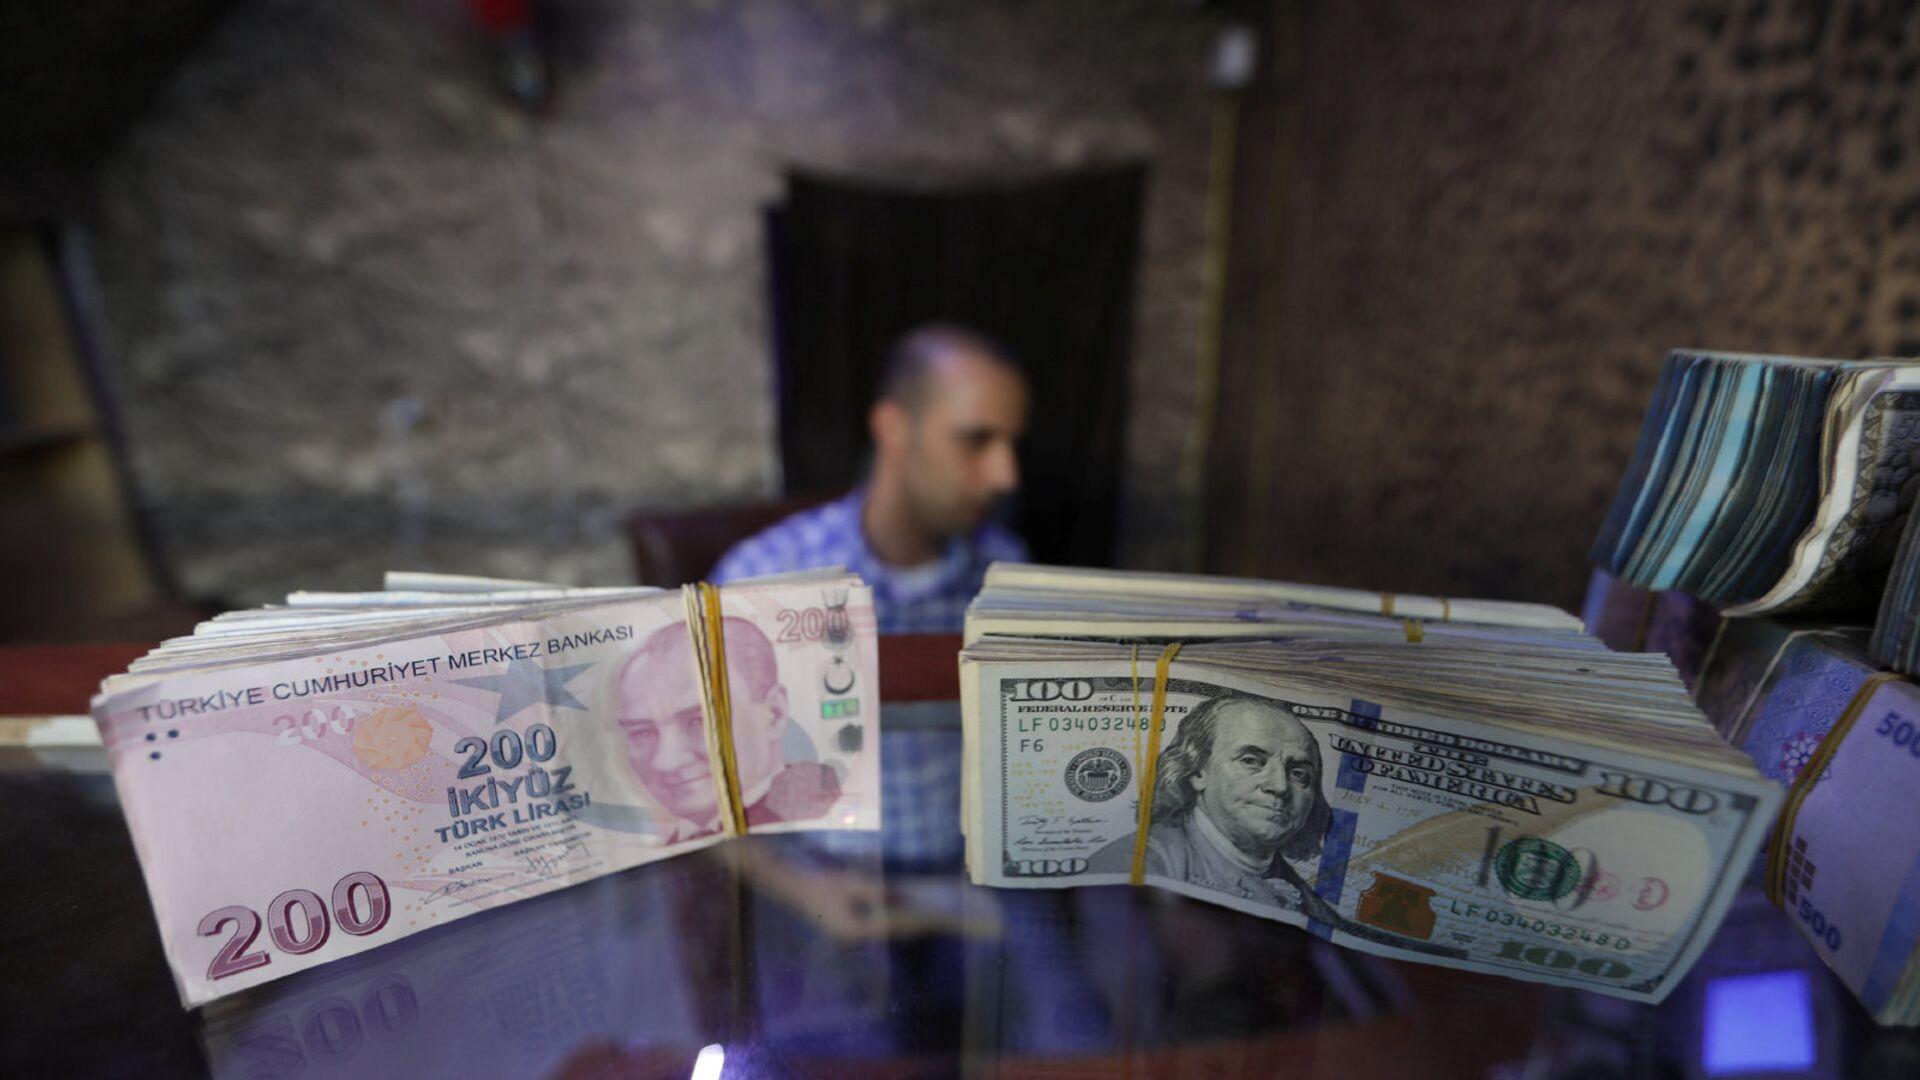 Լիրան արժեզրկվում է դոլարի նկատմամբ - Sputnik Արմենիա, 1920, 24.09.2021